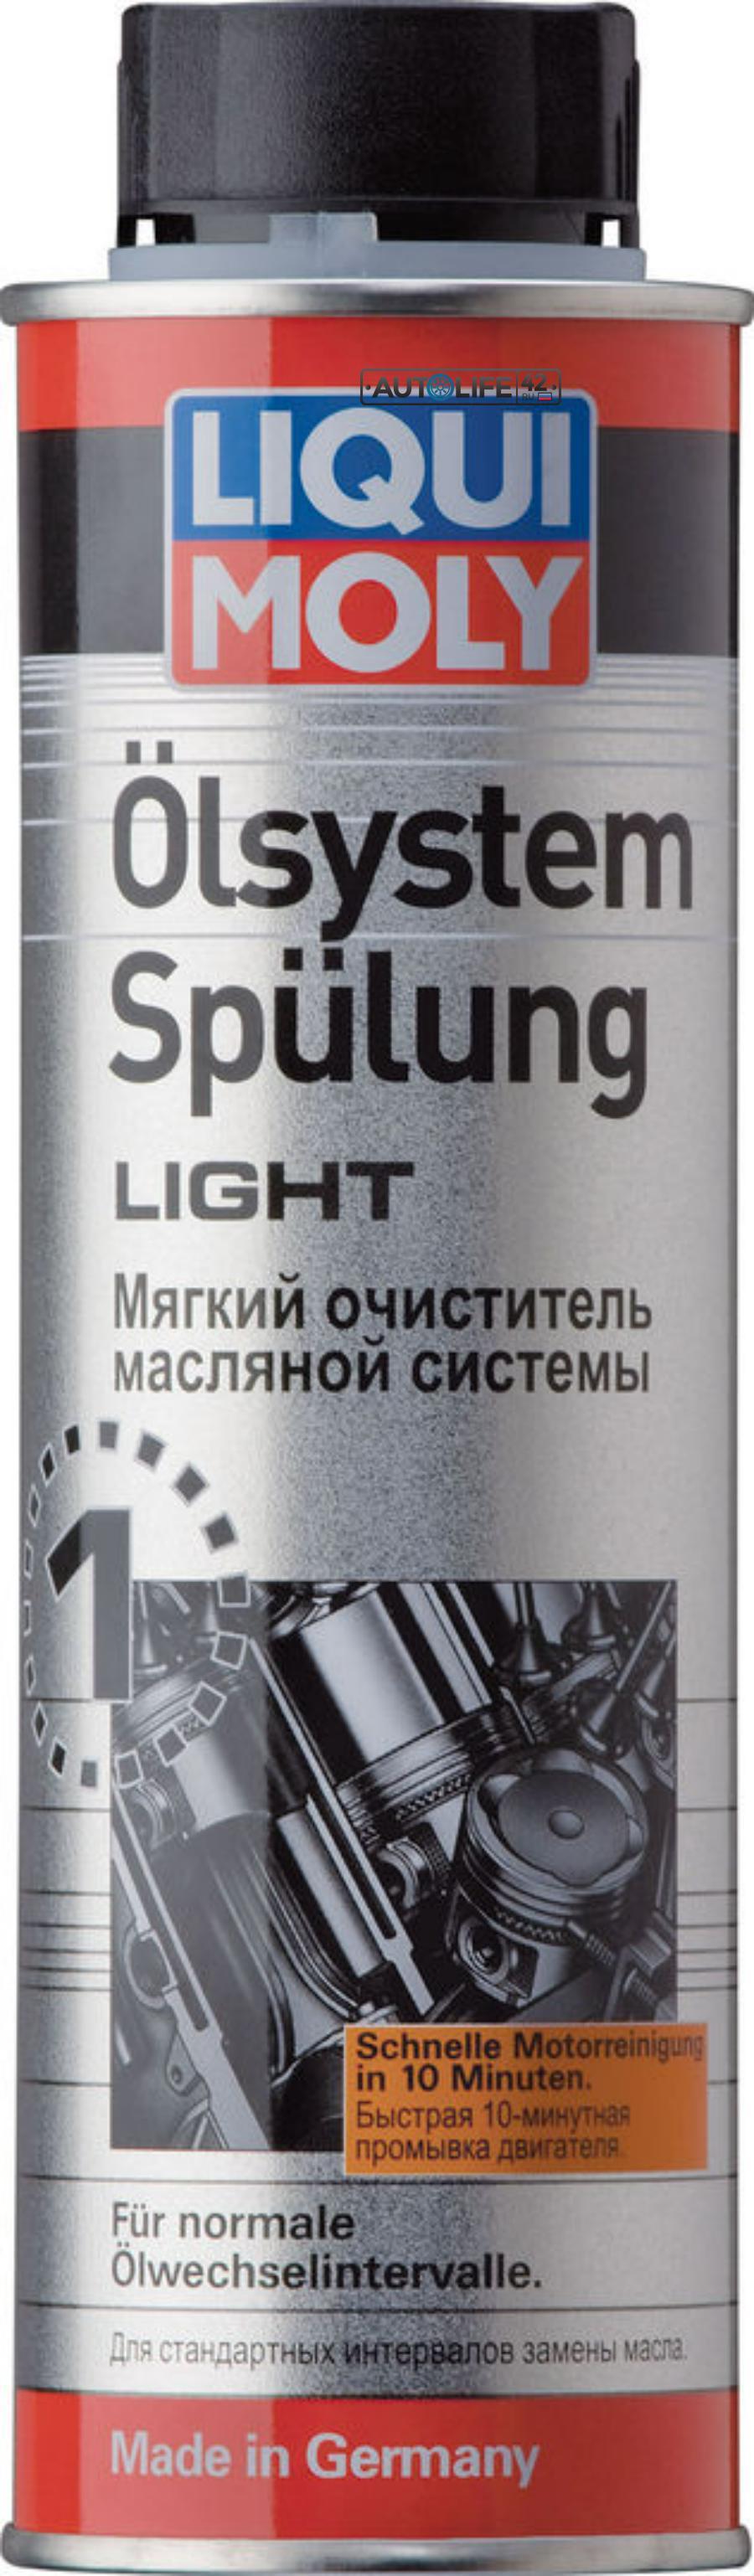 Мягкий очиститель масляной системы Oilsystem Spulung Light